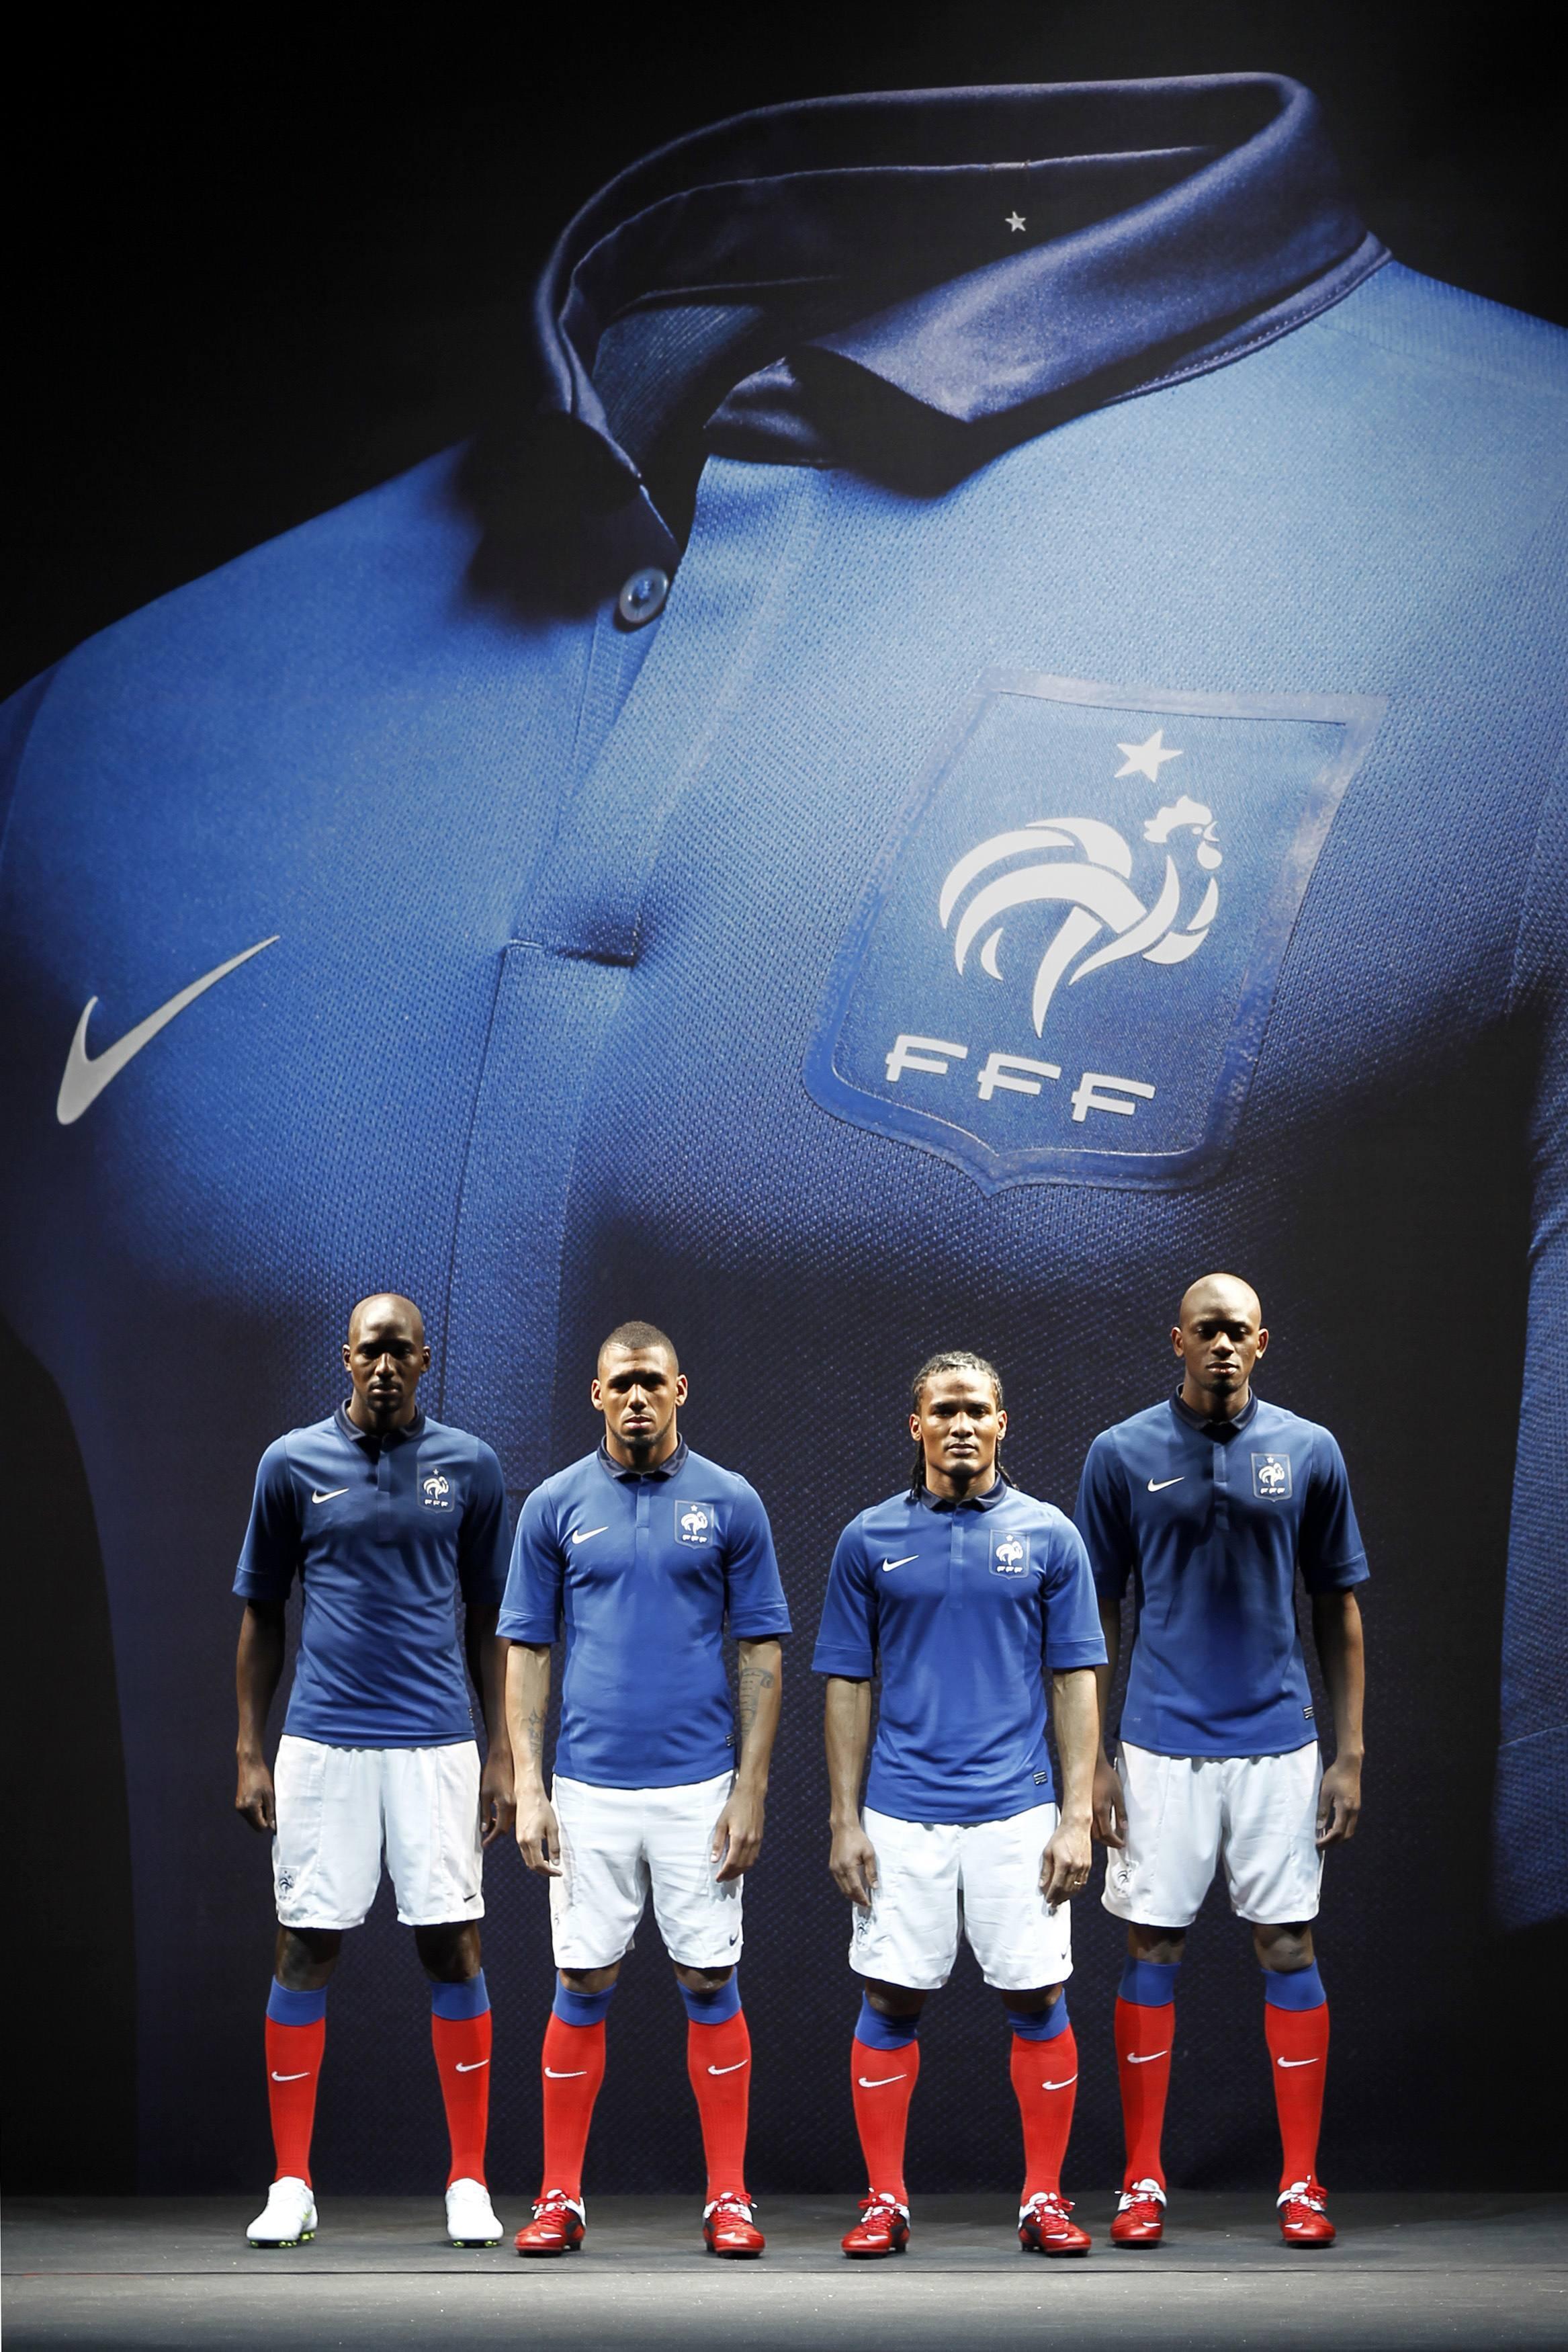 Quatro jogadores franceses viveram um dia de manequim. A vontade nas poses para foto, Abou Diaby, Alou Diarra, Yann M'vila e Florent Malouda disseram que gostaram do novo modelo retrô da camisa da seleção.